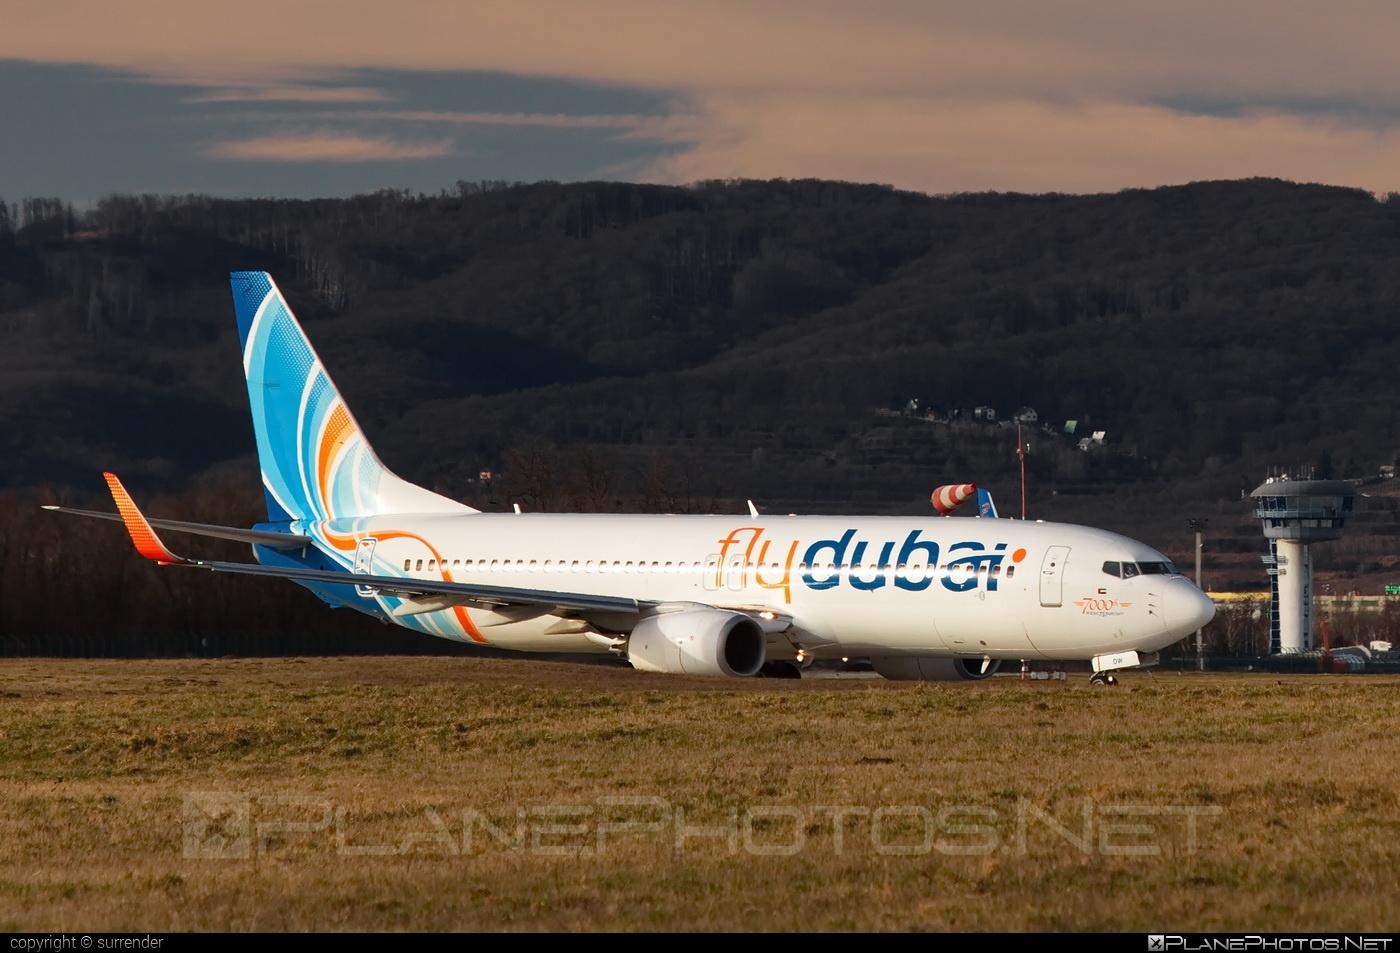 Boeing 737-800 - A6-FDW operated by flydubai #b737 #b737nextgen #b737ng #boeing #boeing737